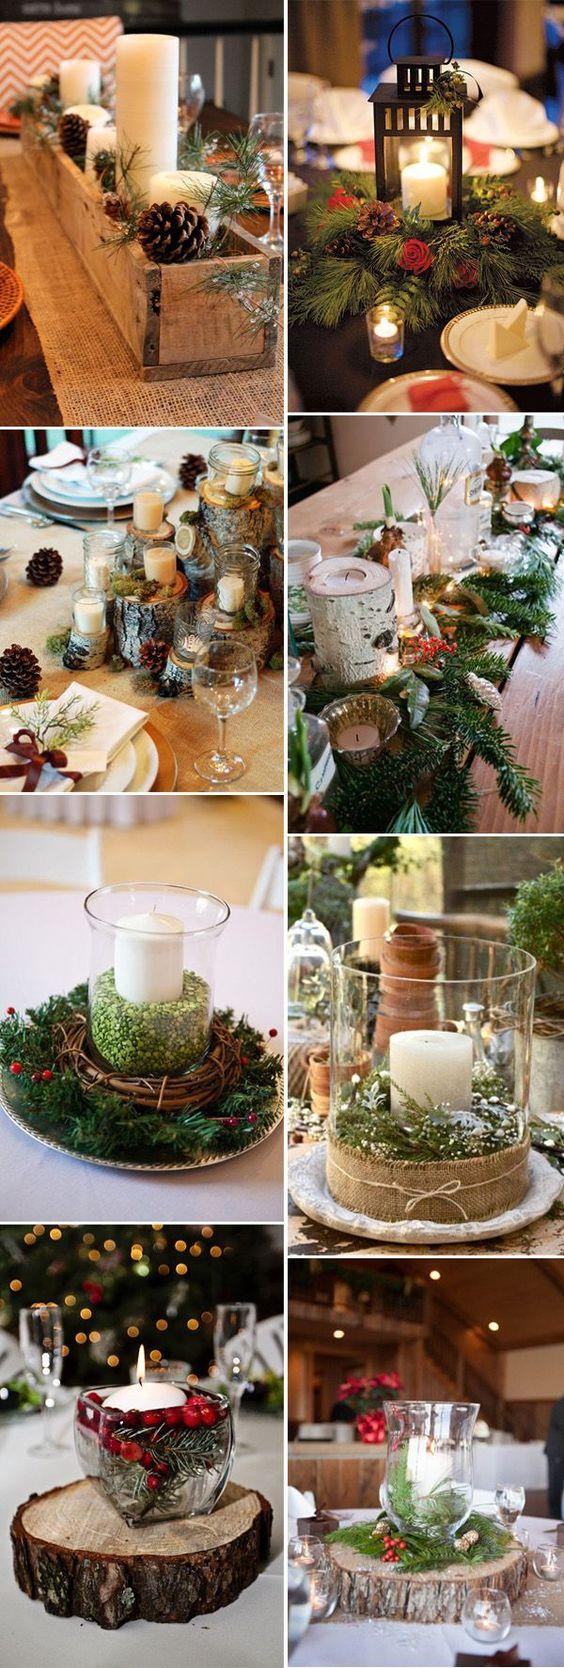 Decoración de una fiesta de xv años tematica navideña